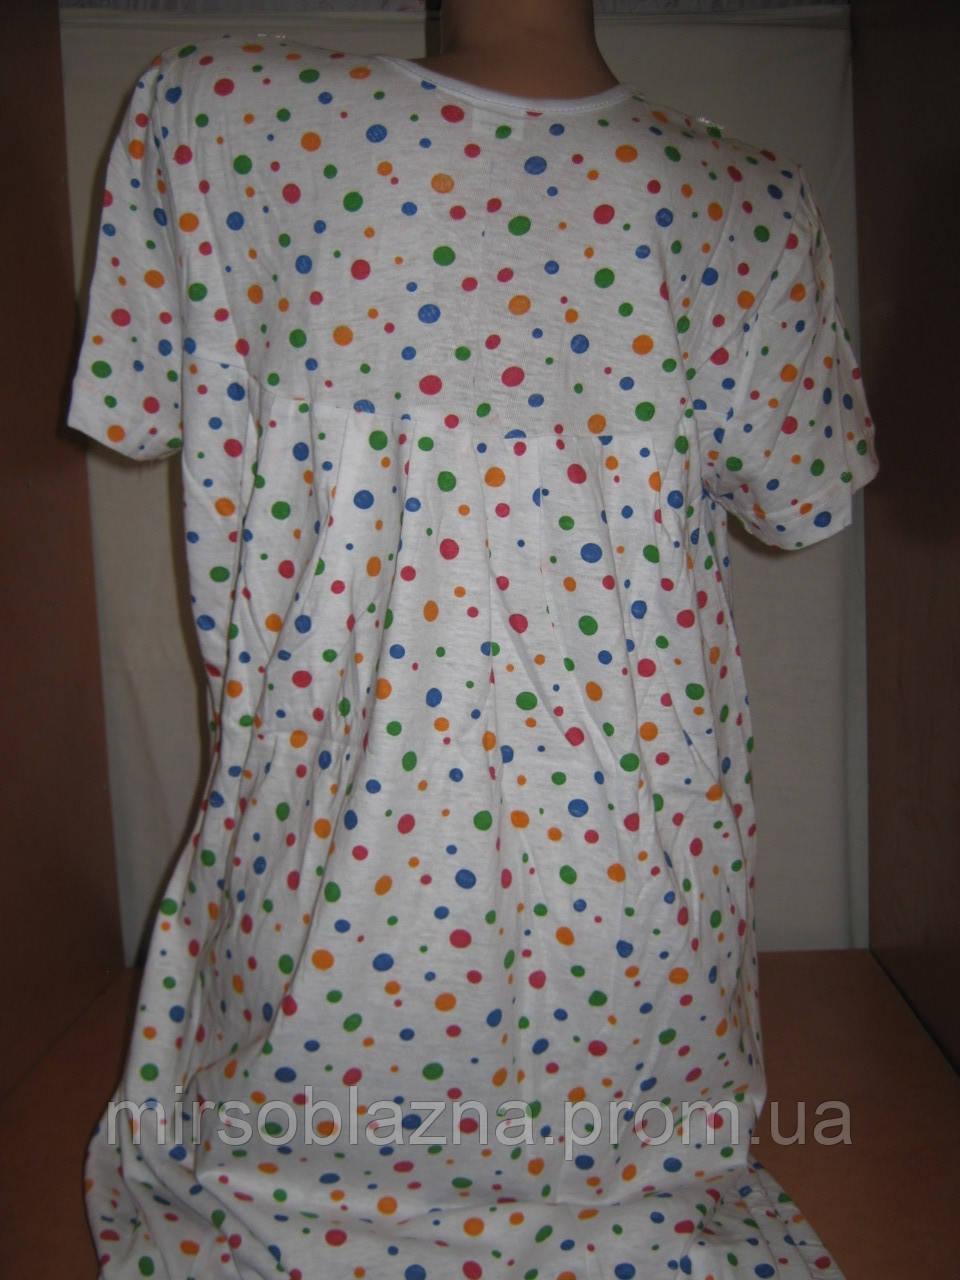 7e4c691b53fe0a8 ... Ночная рубашка 100% хлопок пр-во Узбекистан белая в горошек, размер XXL  (